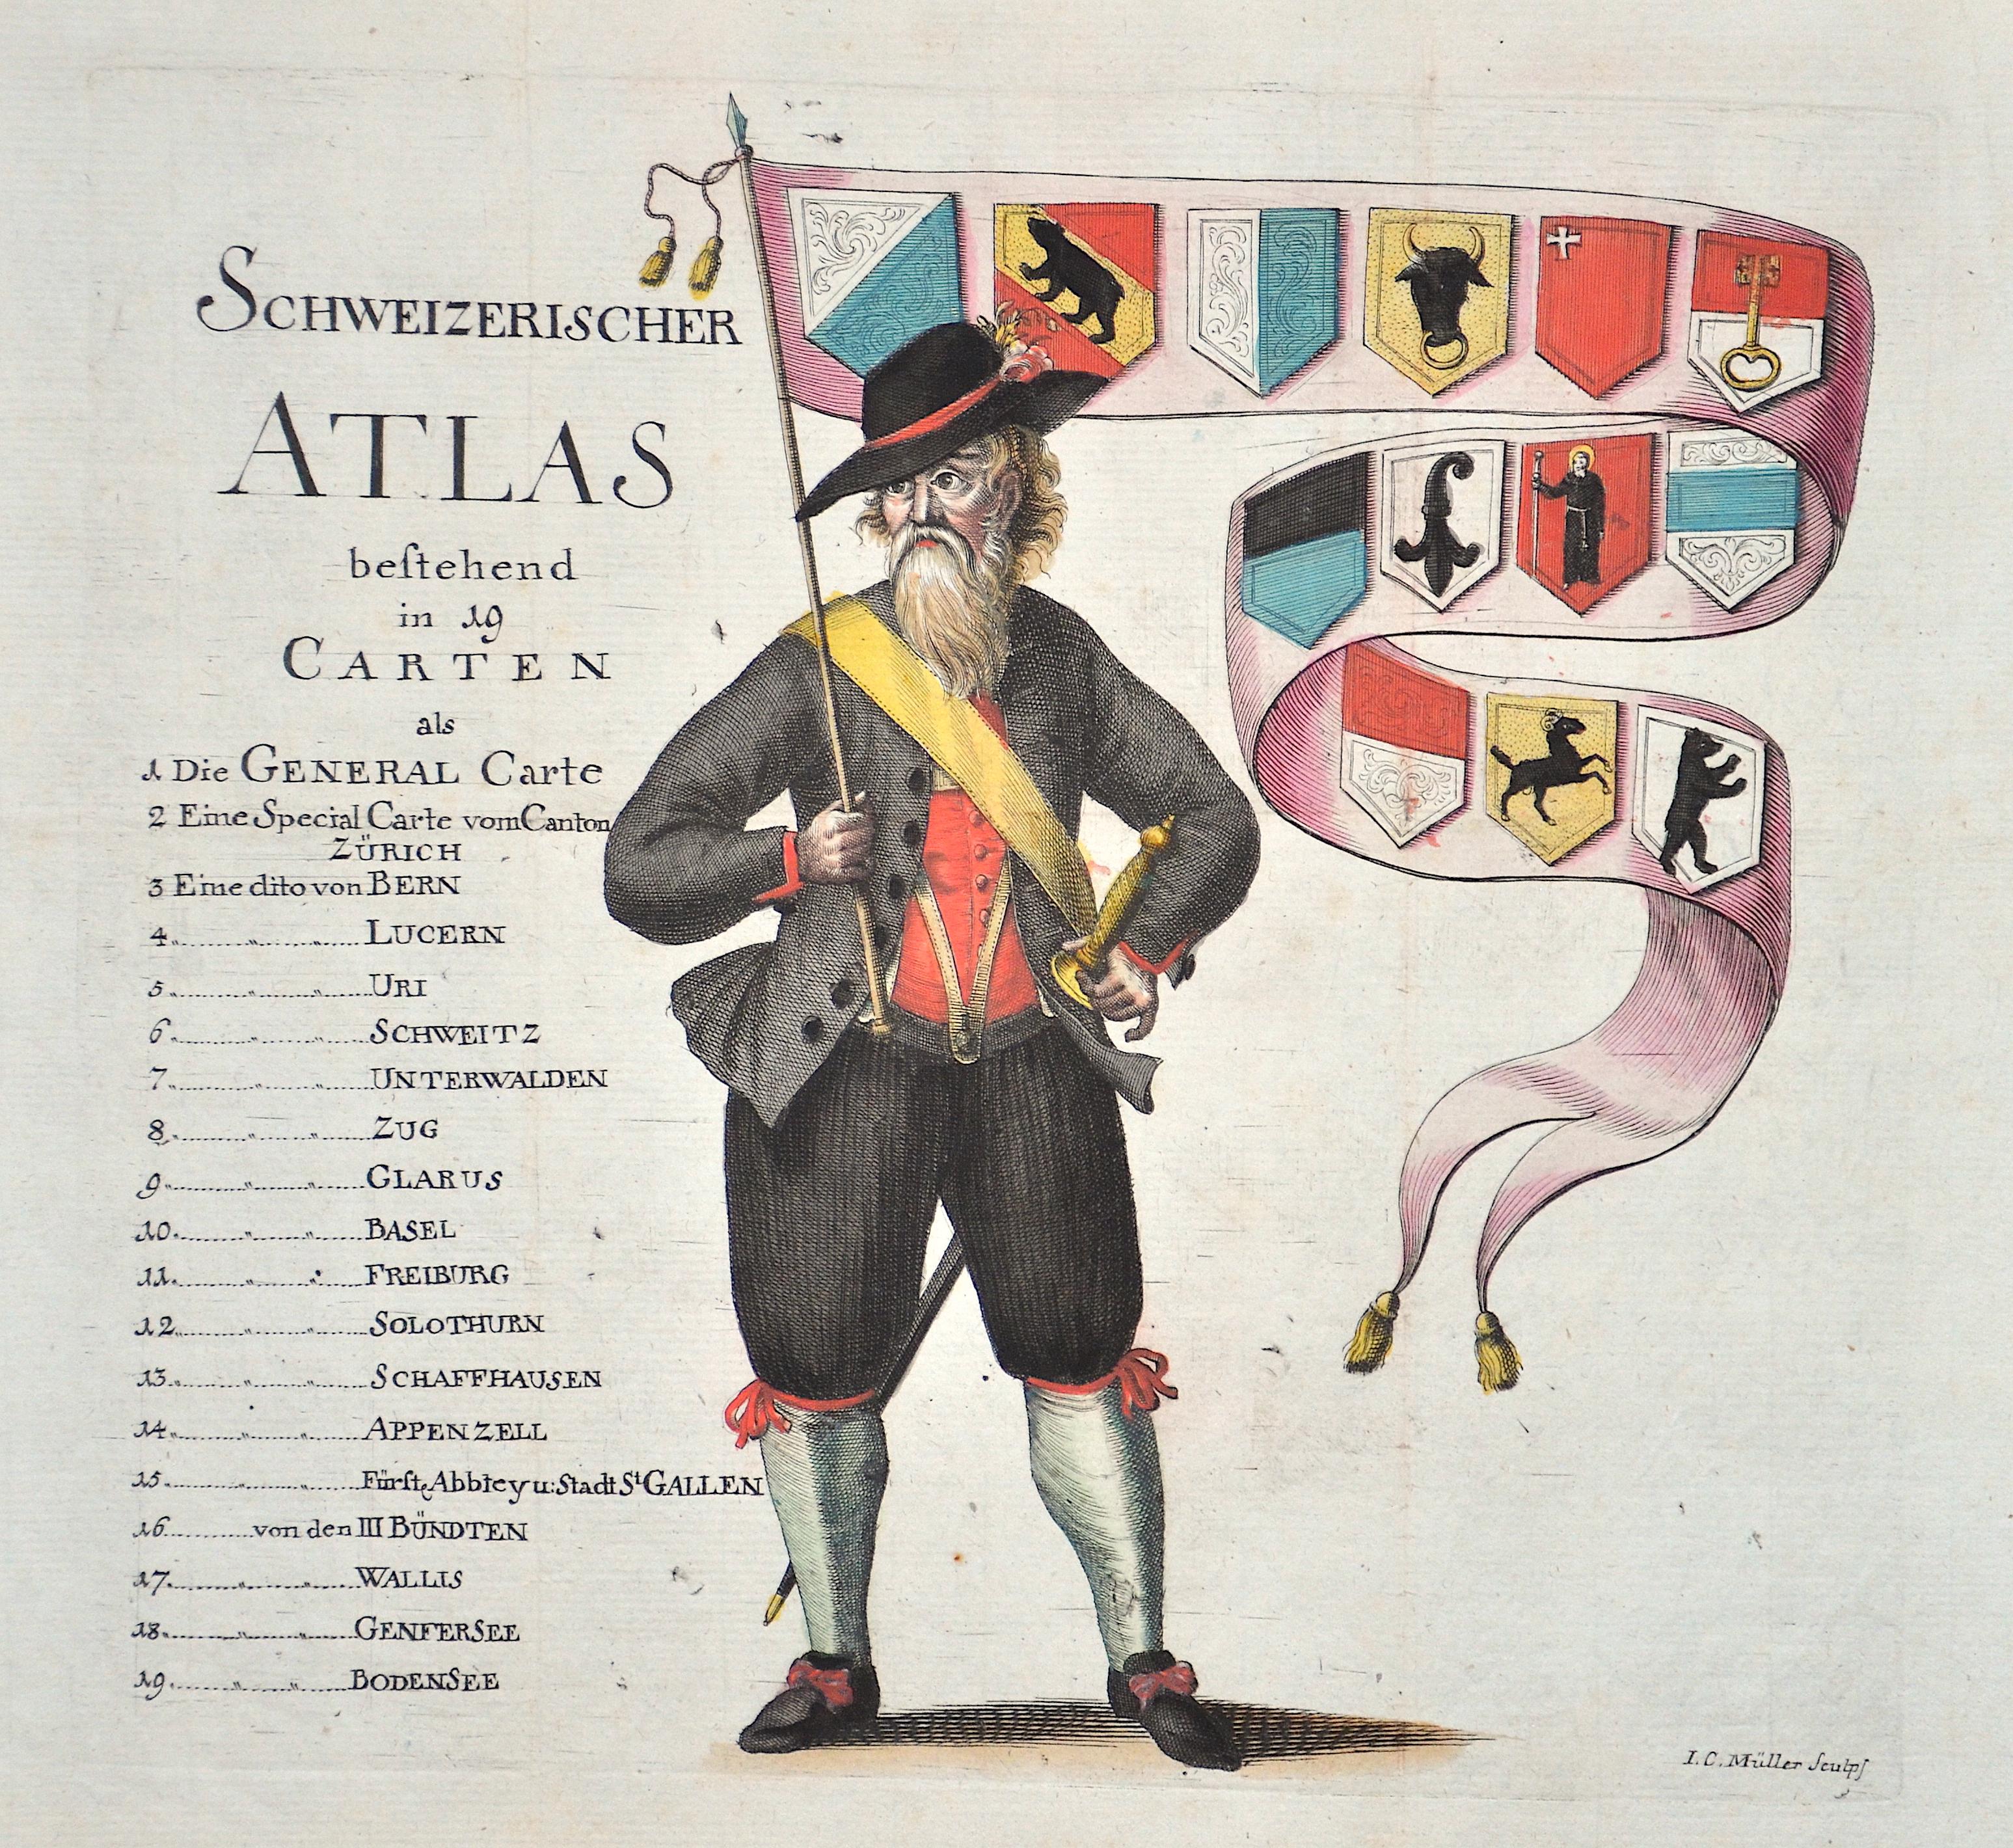 Müller J. C. Schweizerischer Atlas bestehend in 19 Carten